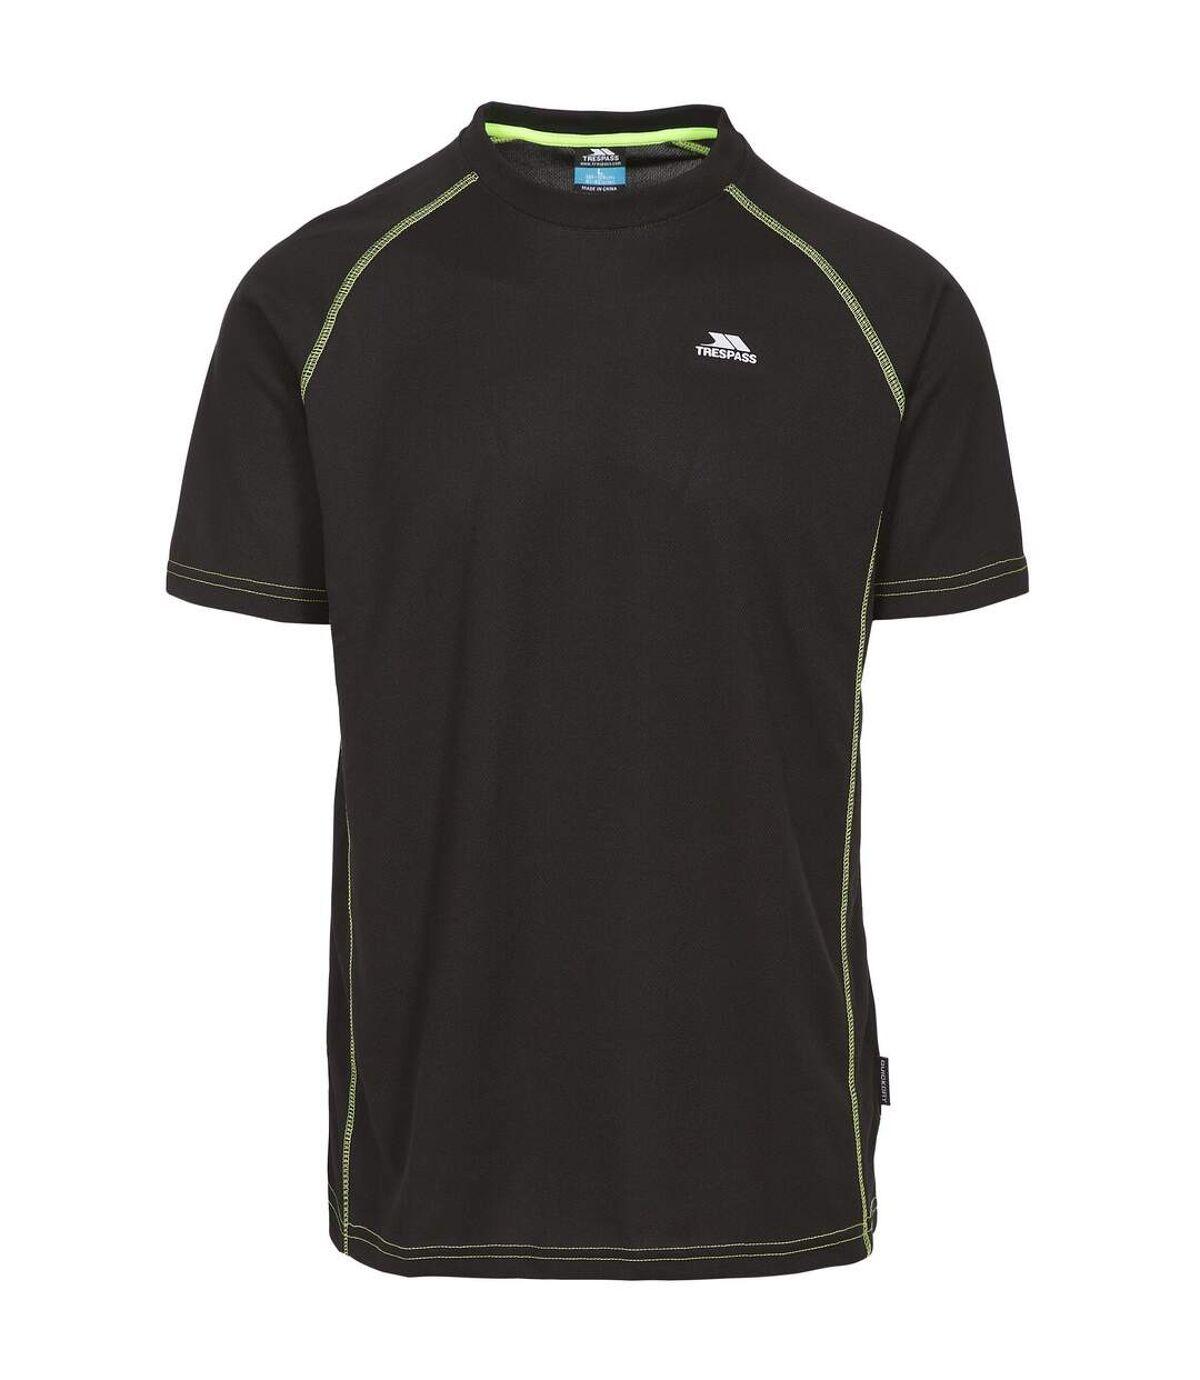 Trespass Mens Ethen Short Sleeve Active T-Shirt (Black) - UTTP3460